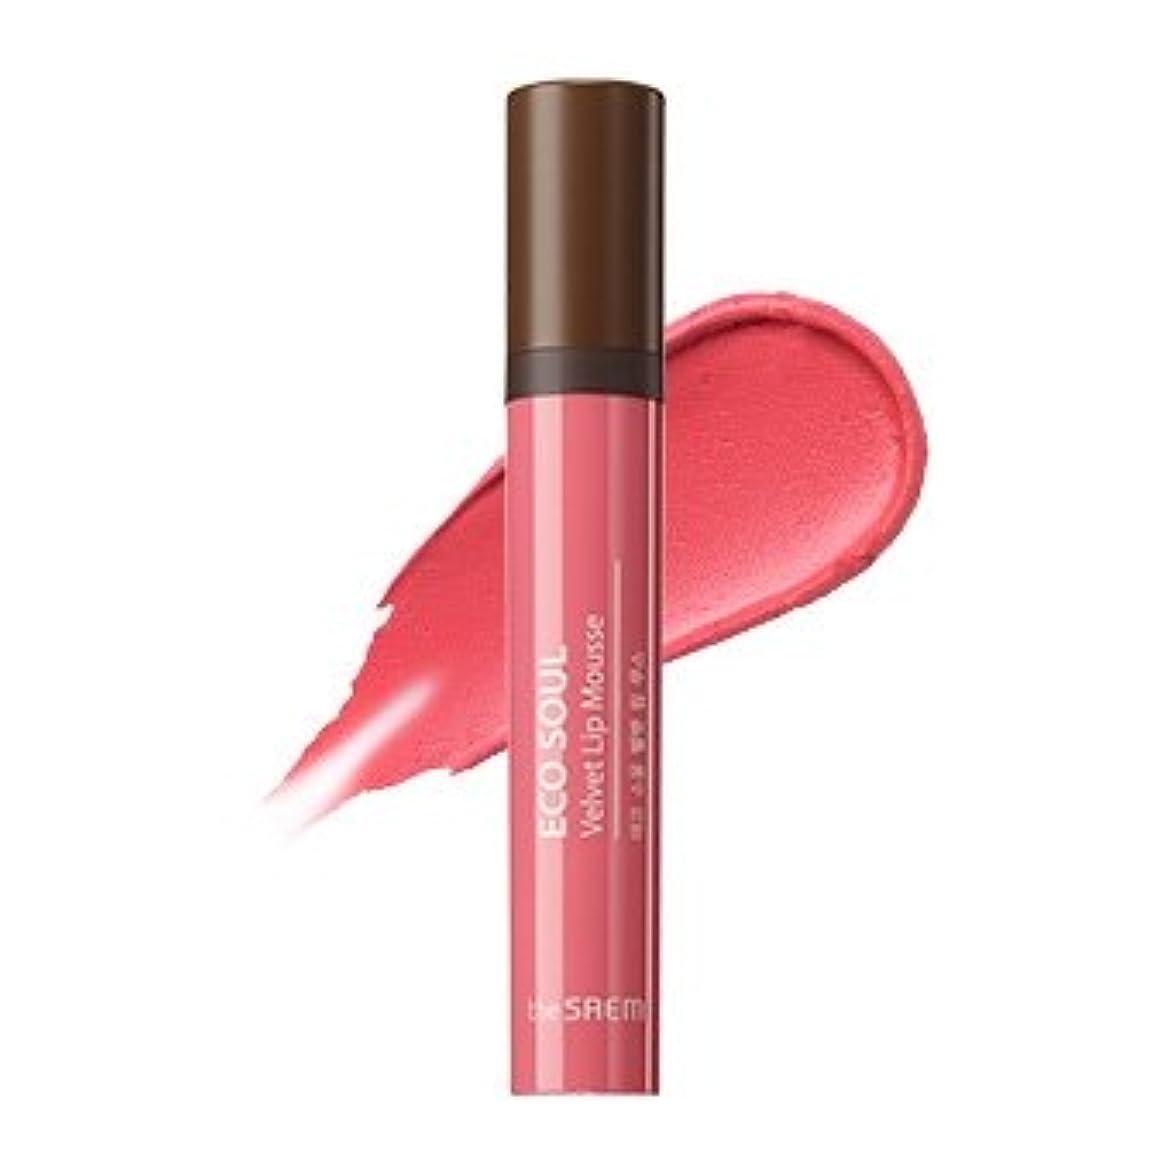 影響を受けやすいですクマノミストロークthe SAEM Eco Soul Velvet Lip Mousse 5.5g/ザセム エコ ソウル ベルベット リップ ムース 5.5g (#CR01 Bless You) [並行輸入品]